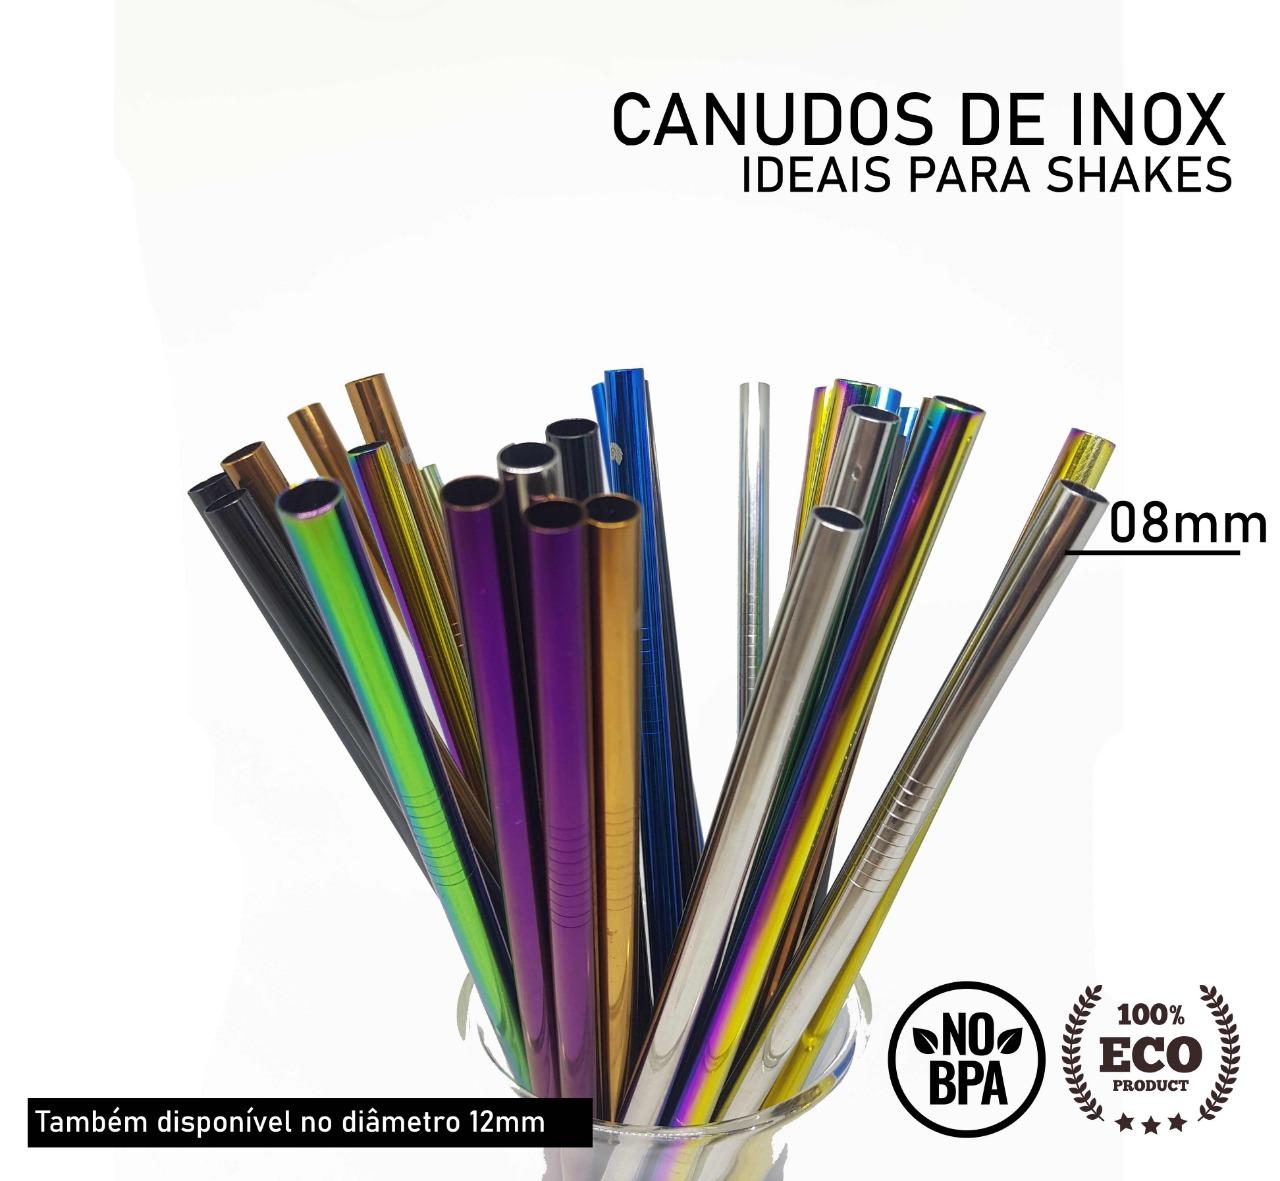 Kit 5 em 1-3 Canudos de Inox + Escova + Ecobag (Shake 8mm) Roxo - Planet B